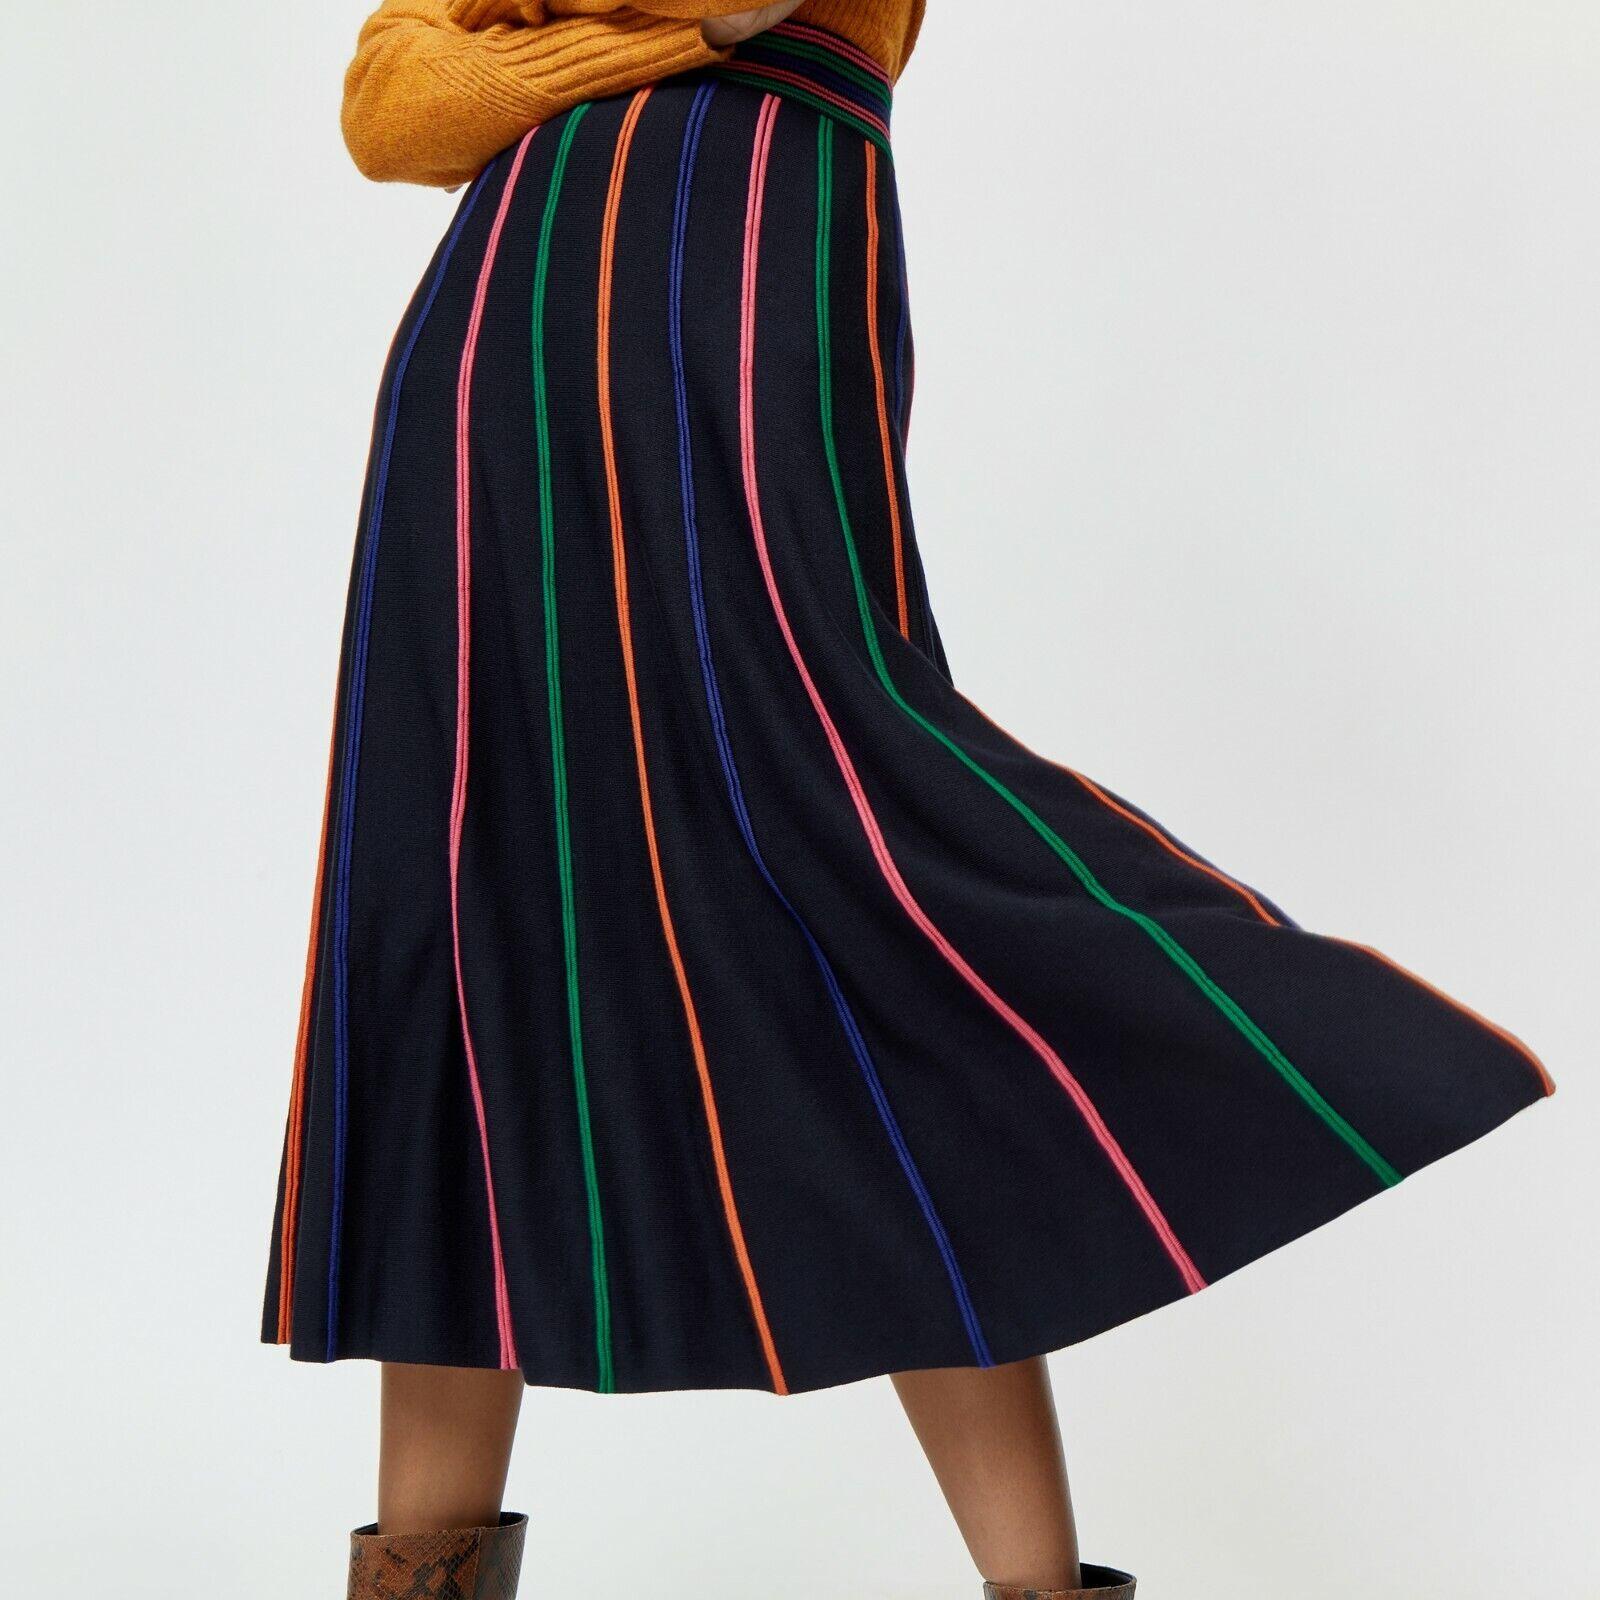 Warehouse Jupe Midi Noir Rainbow Stripe Knit Sz 10 nouveau